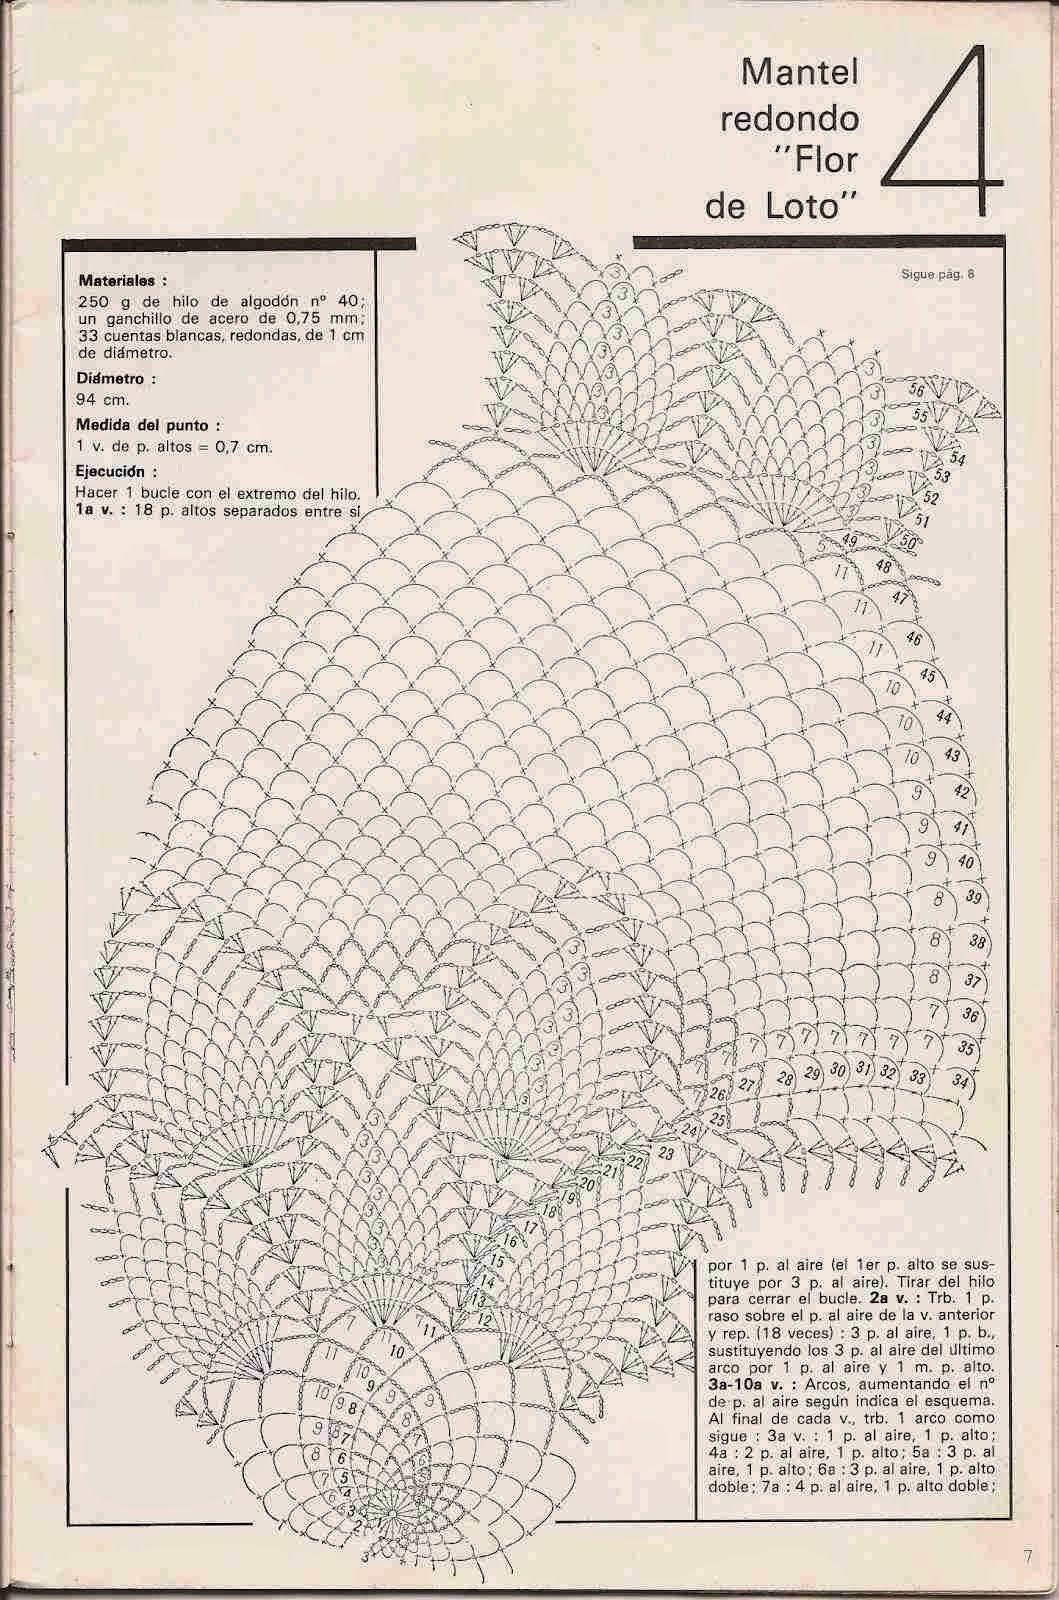 Patrón de Mantel | manteles redondo a crochet | Pinterest | Patrones ...